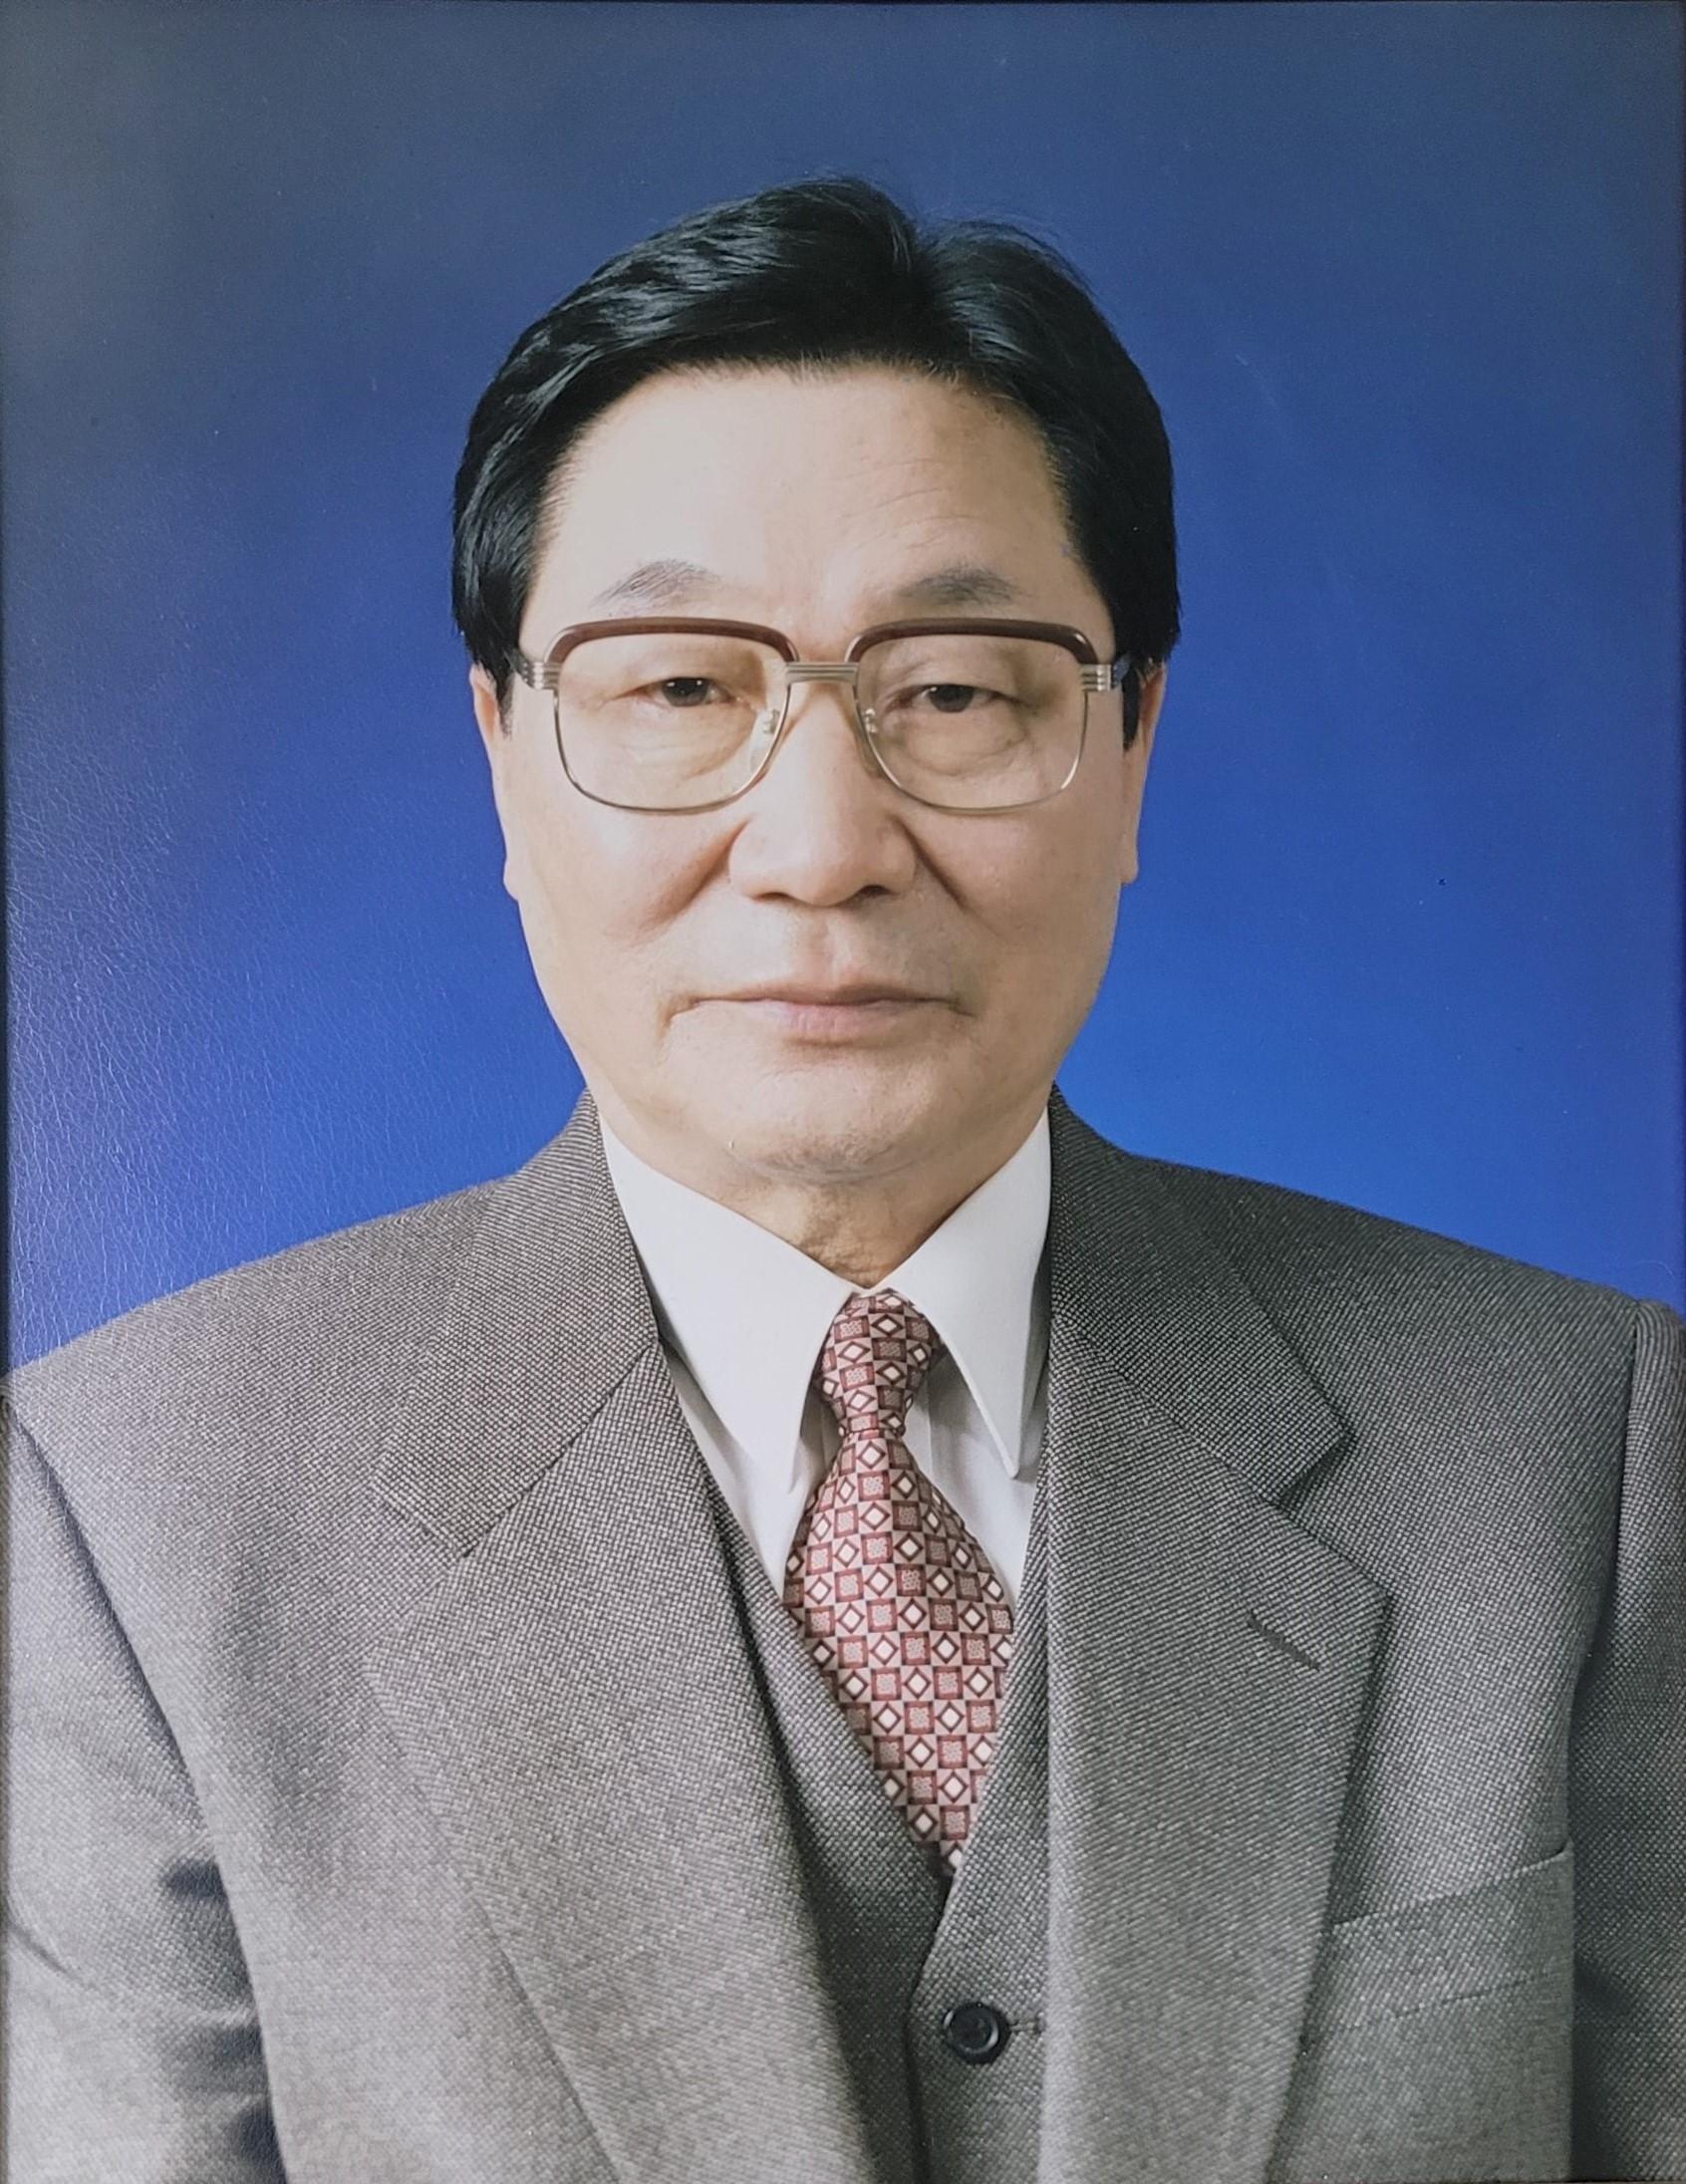 김교영선생님 .jpg